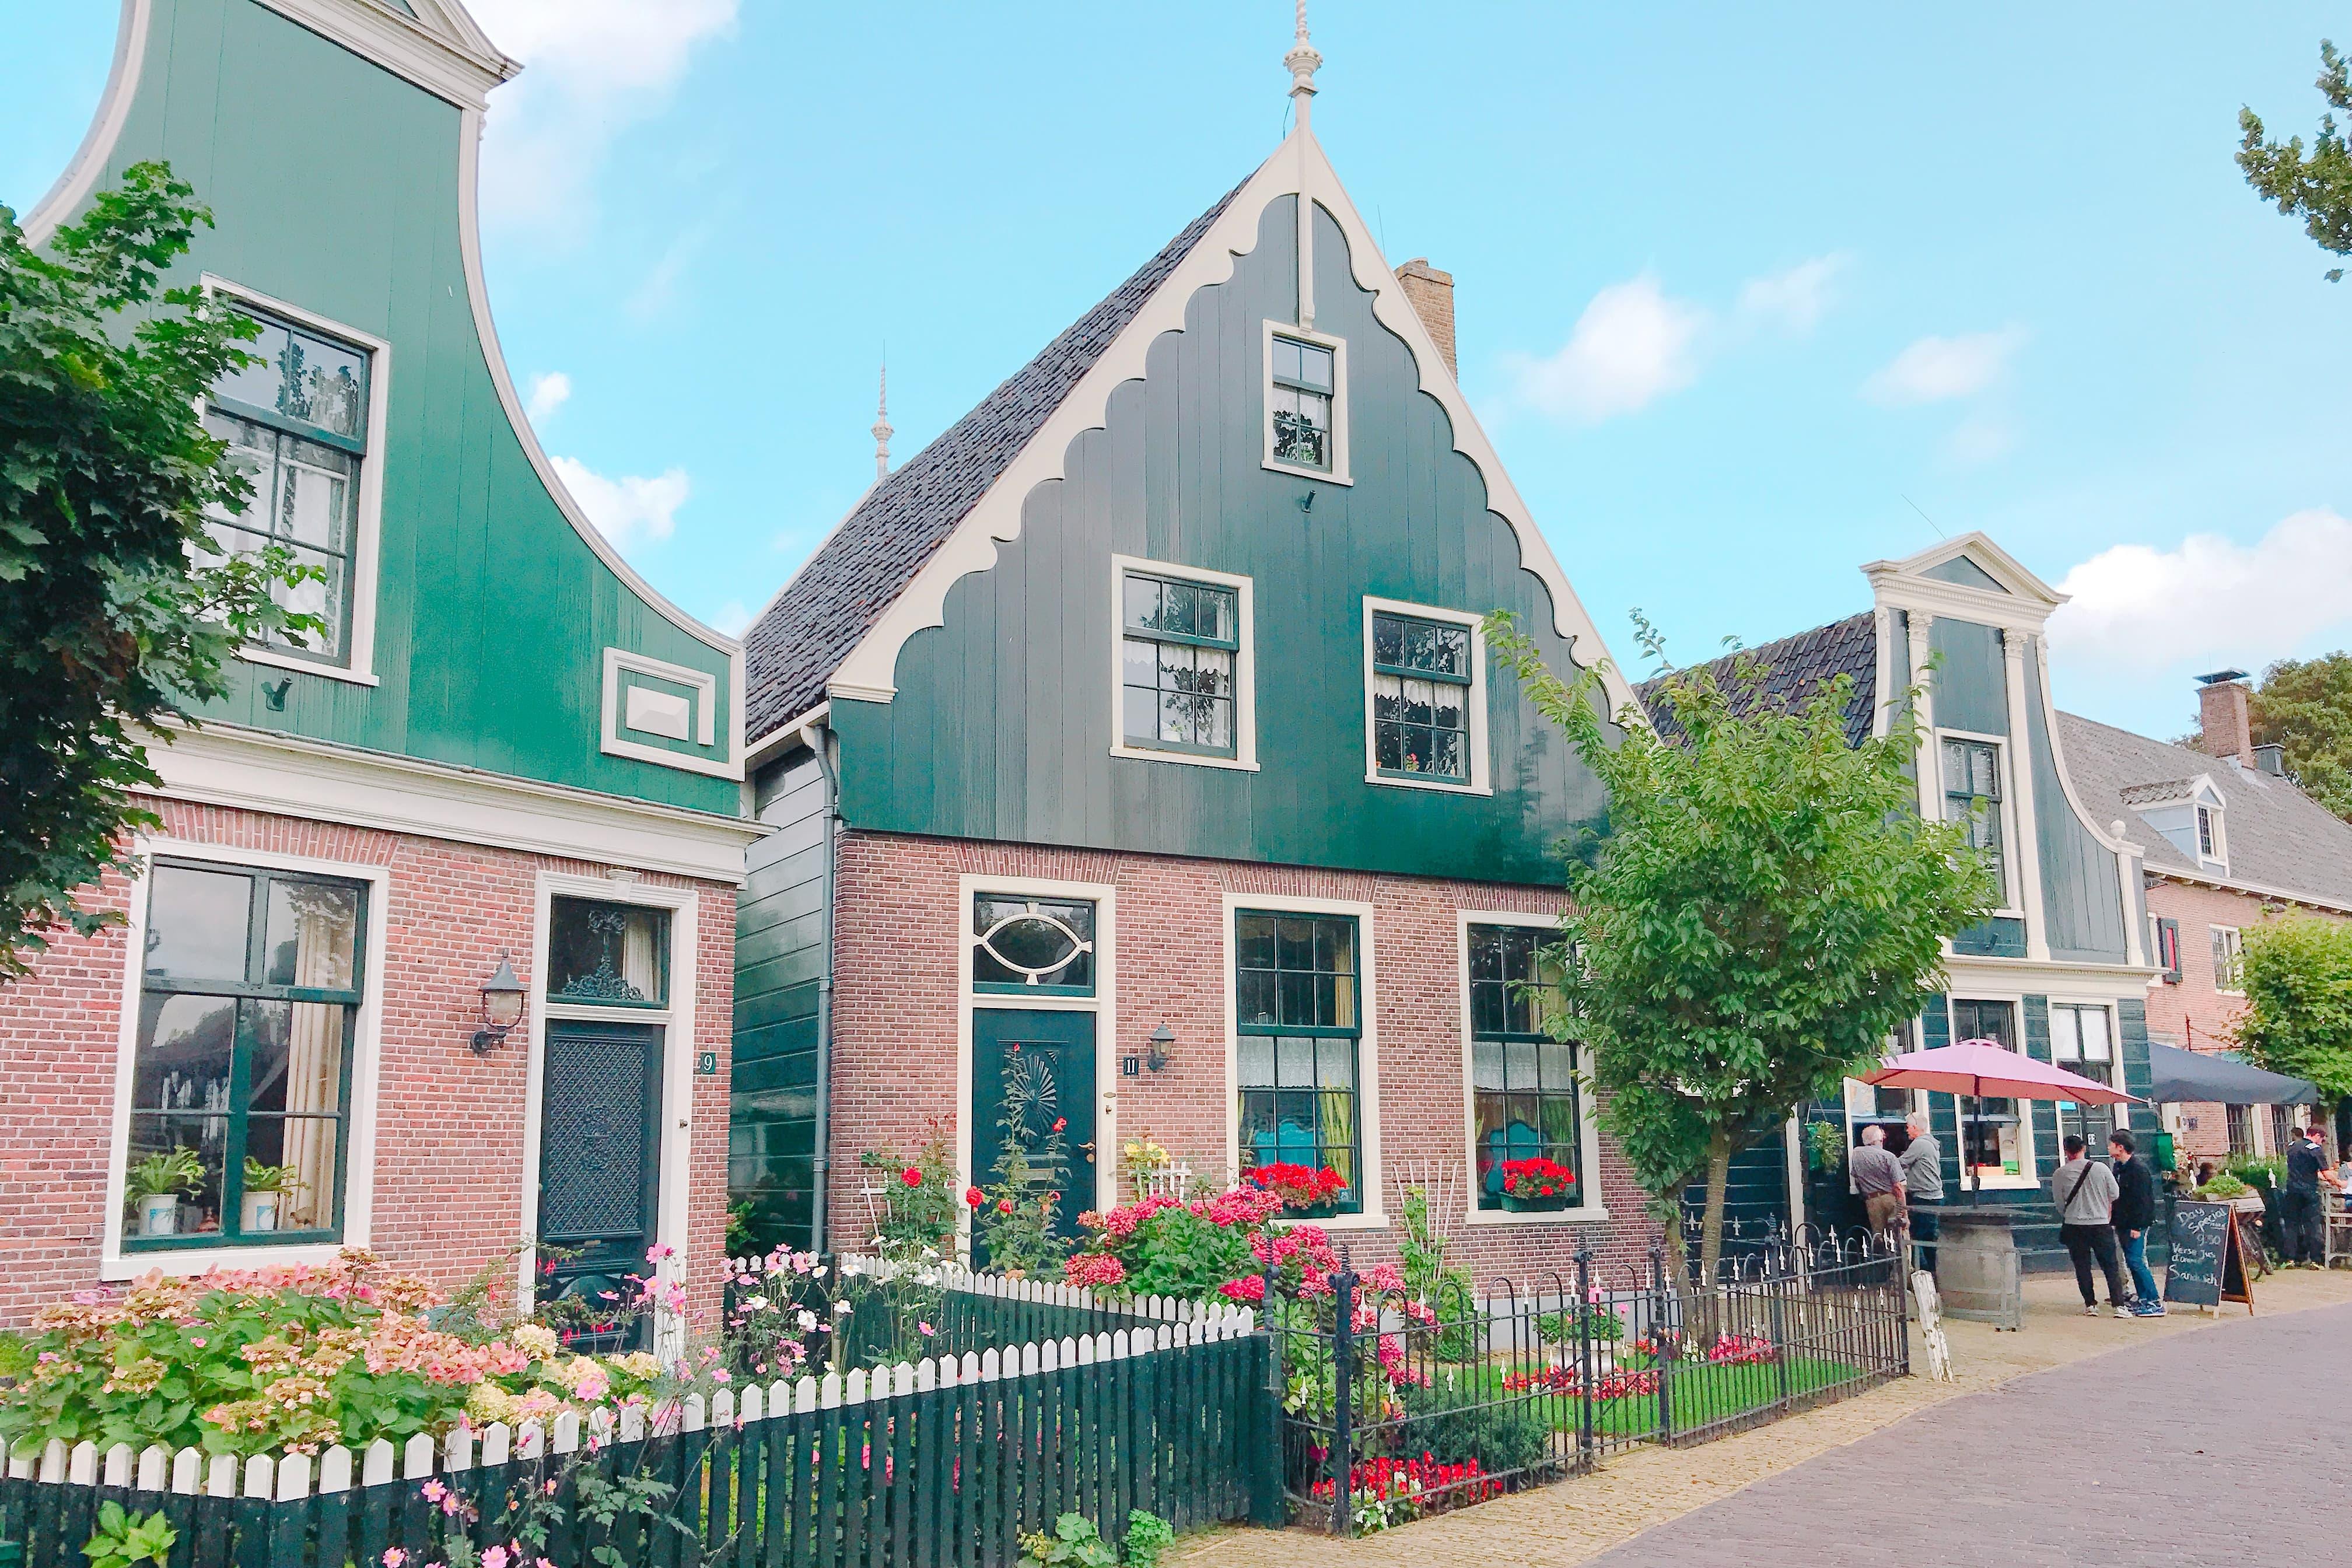 オランダ ザーンセスカンス ザーン地方特有の家